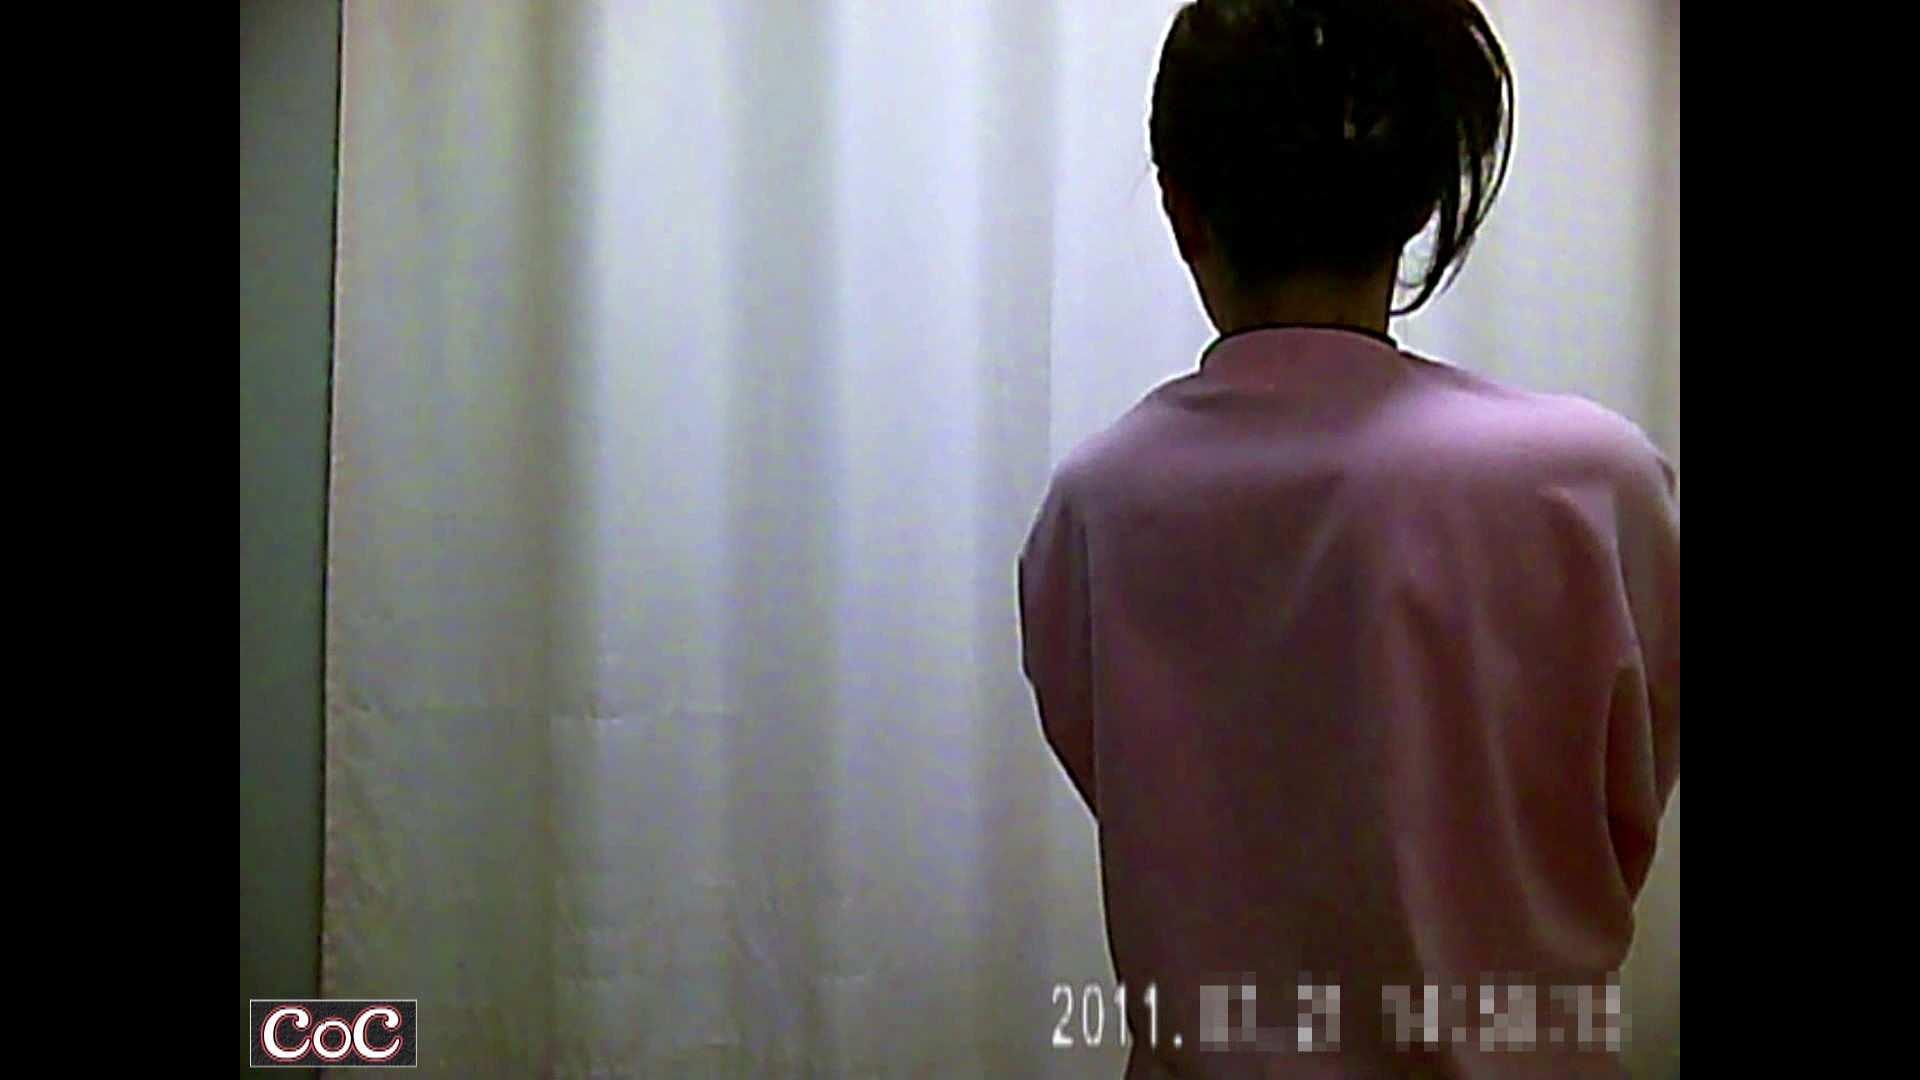 病院おもいっきり着替え! vol.04 巨乳 AV動画キャプチャ 84pic 11